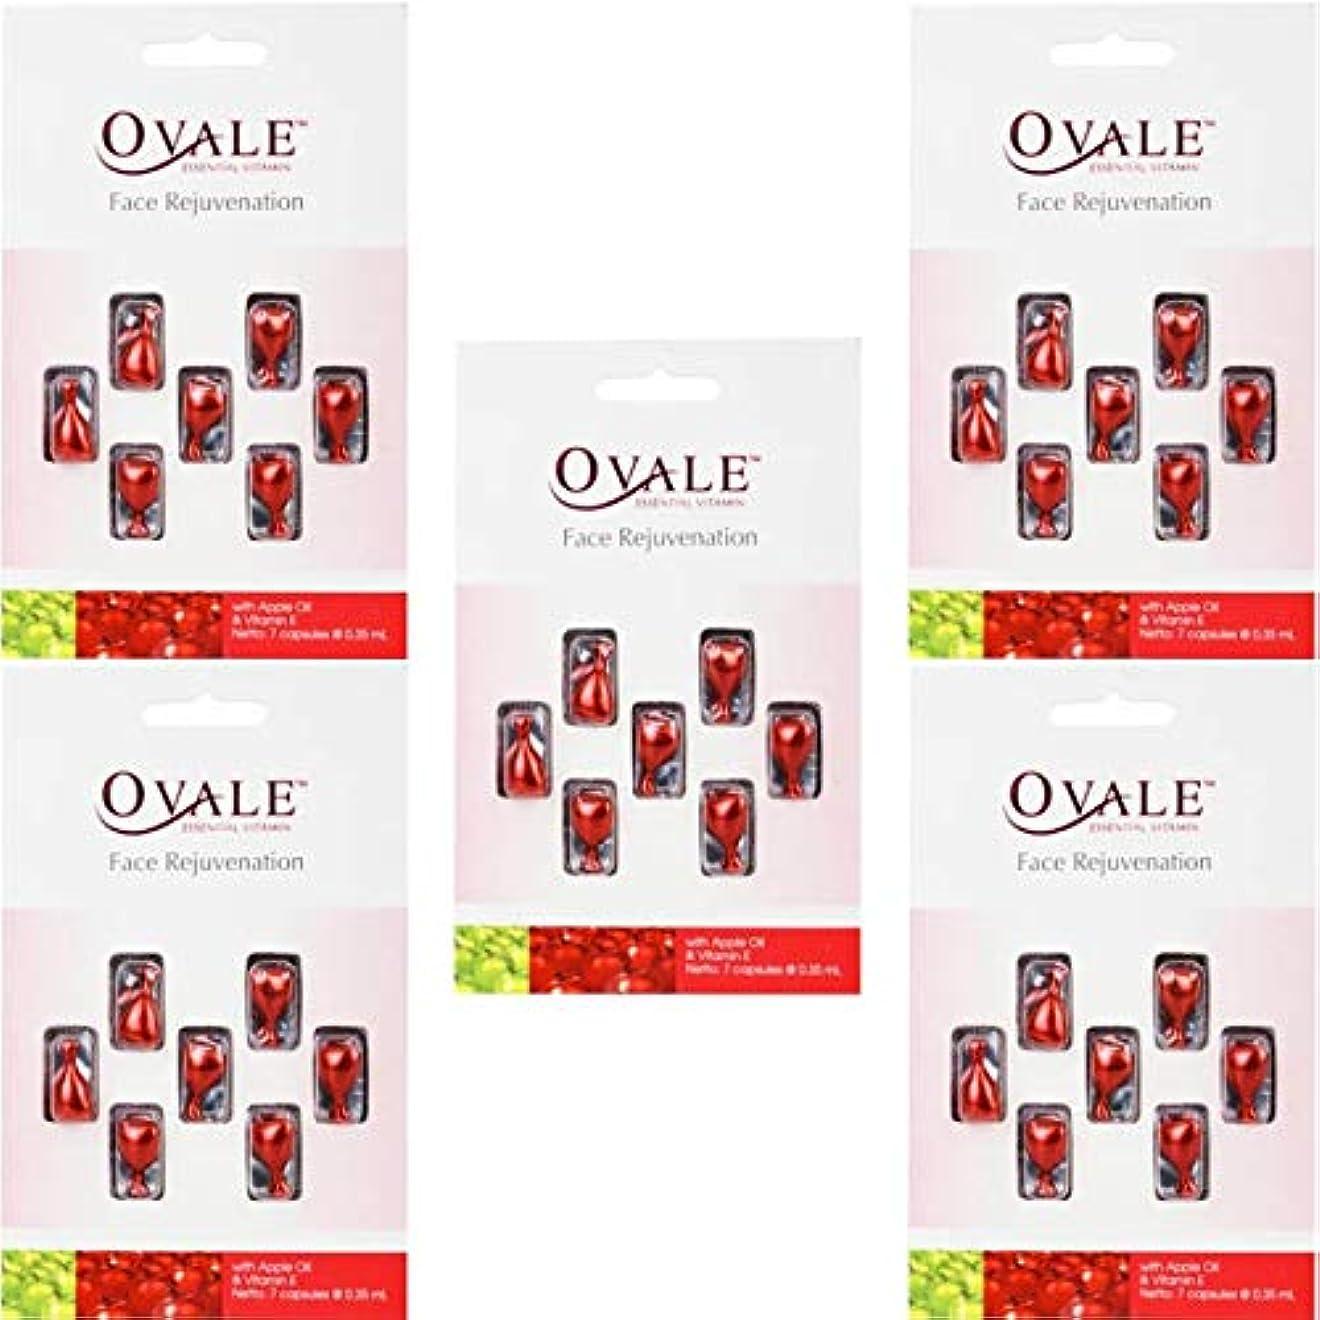 何十人も太鼓腹三角Ovale オーバル フェイシャル美容液 essential vitamin エッセンシャルビタミン 7粒入シート×5枚セット アップル [海外直送品]